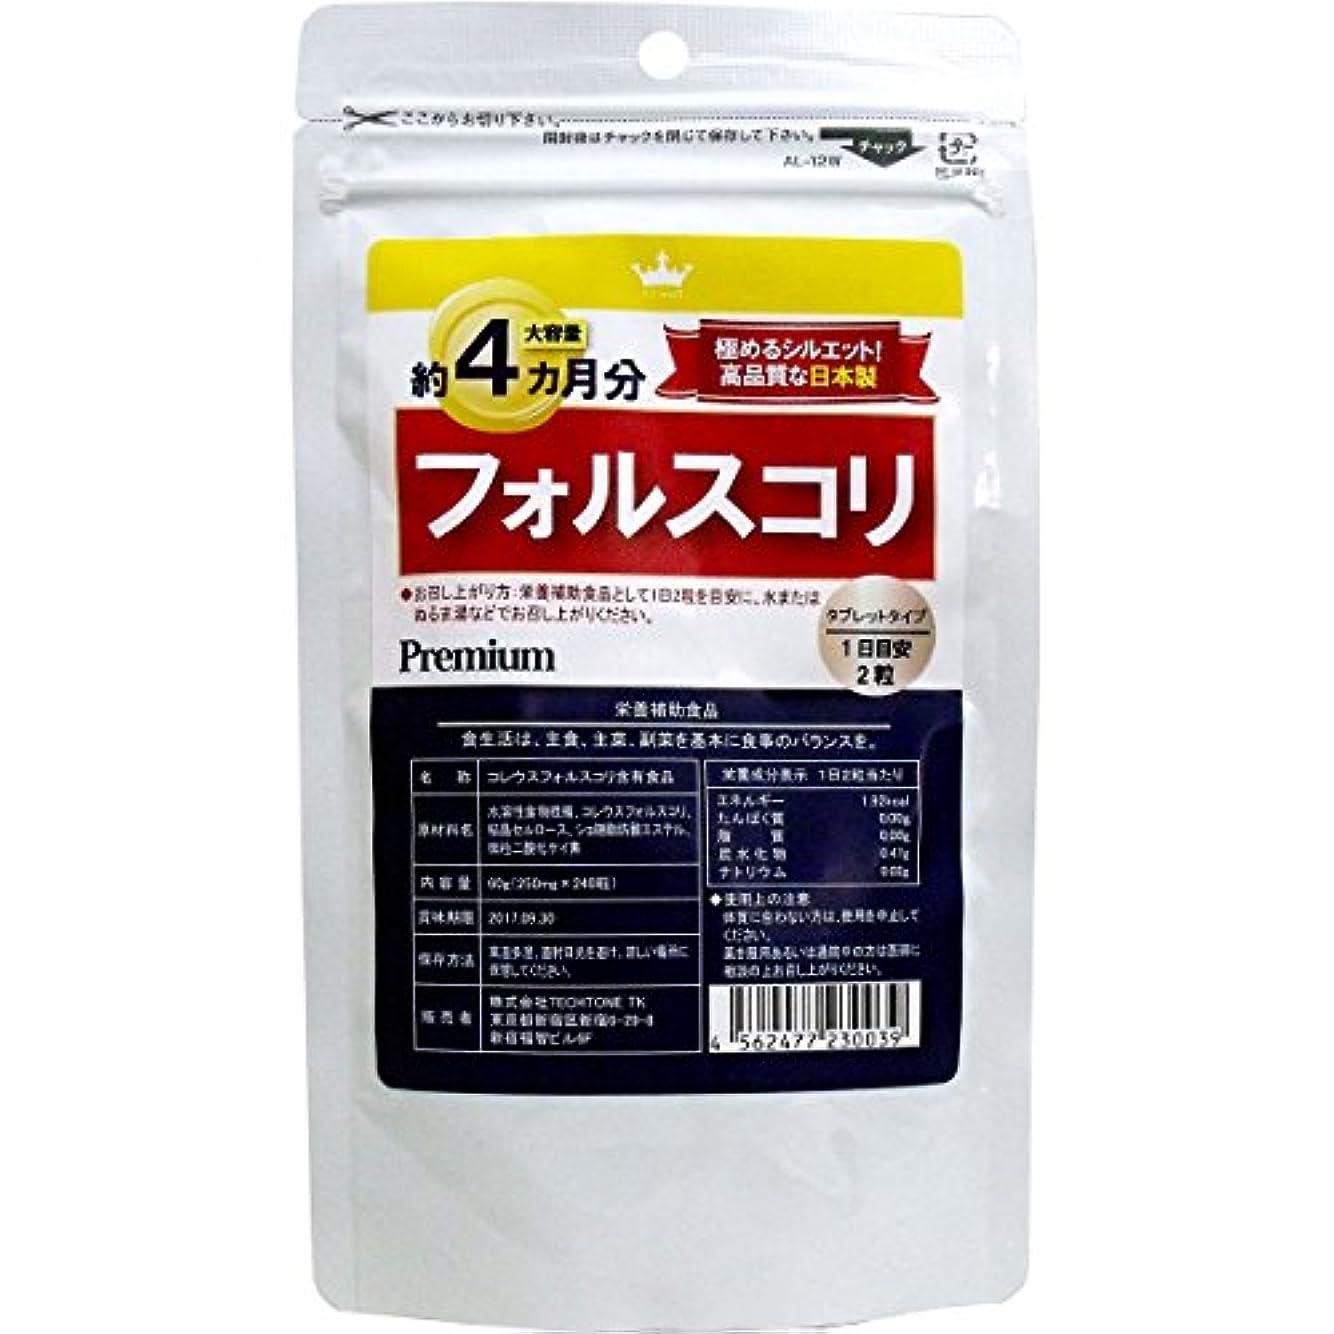 努力するセッション葉を拾うサプリメント 高品質な日本製 健康食品 フォルスコリ 約4カ月分 240粒入【3個セット】